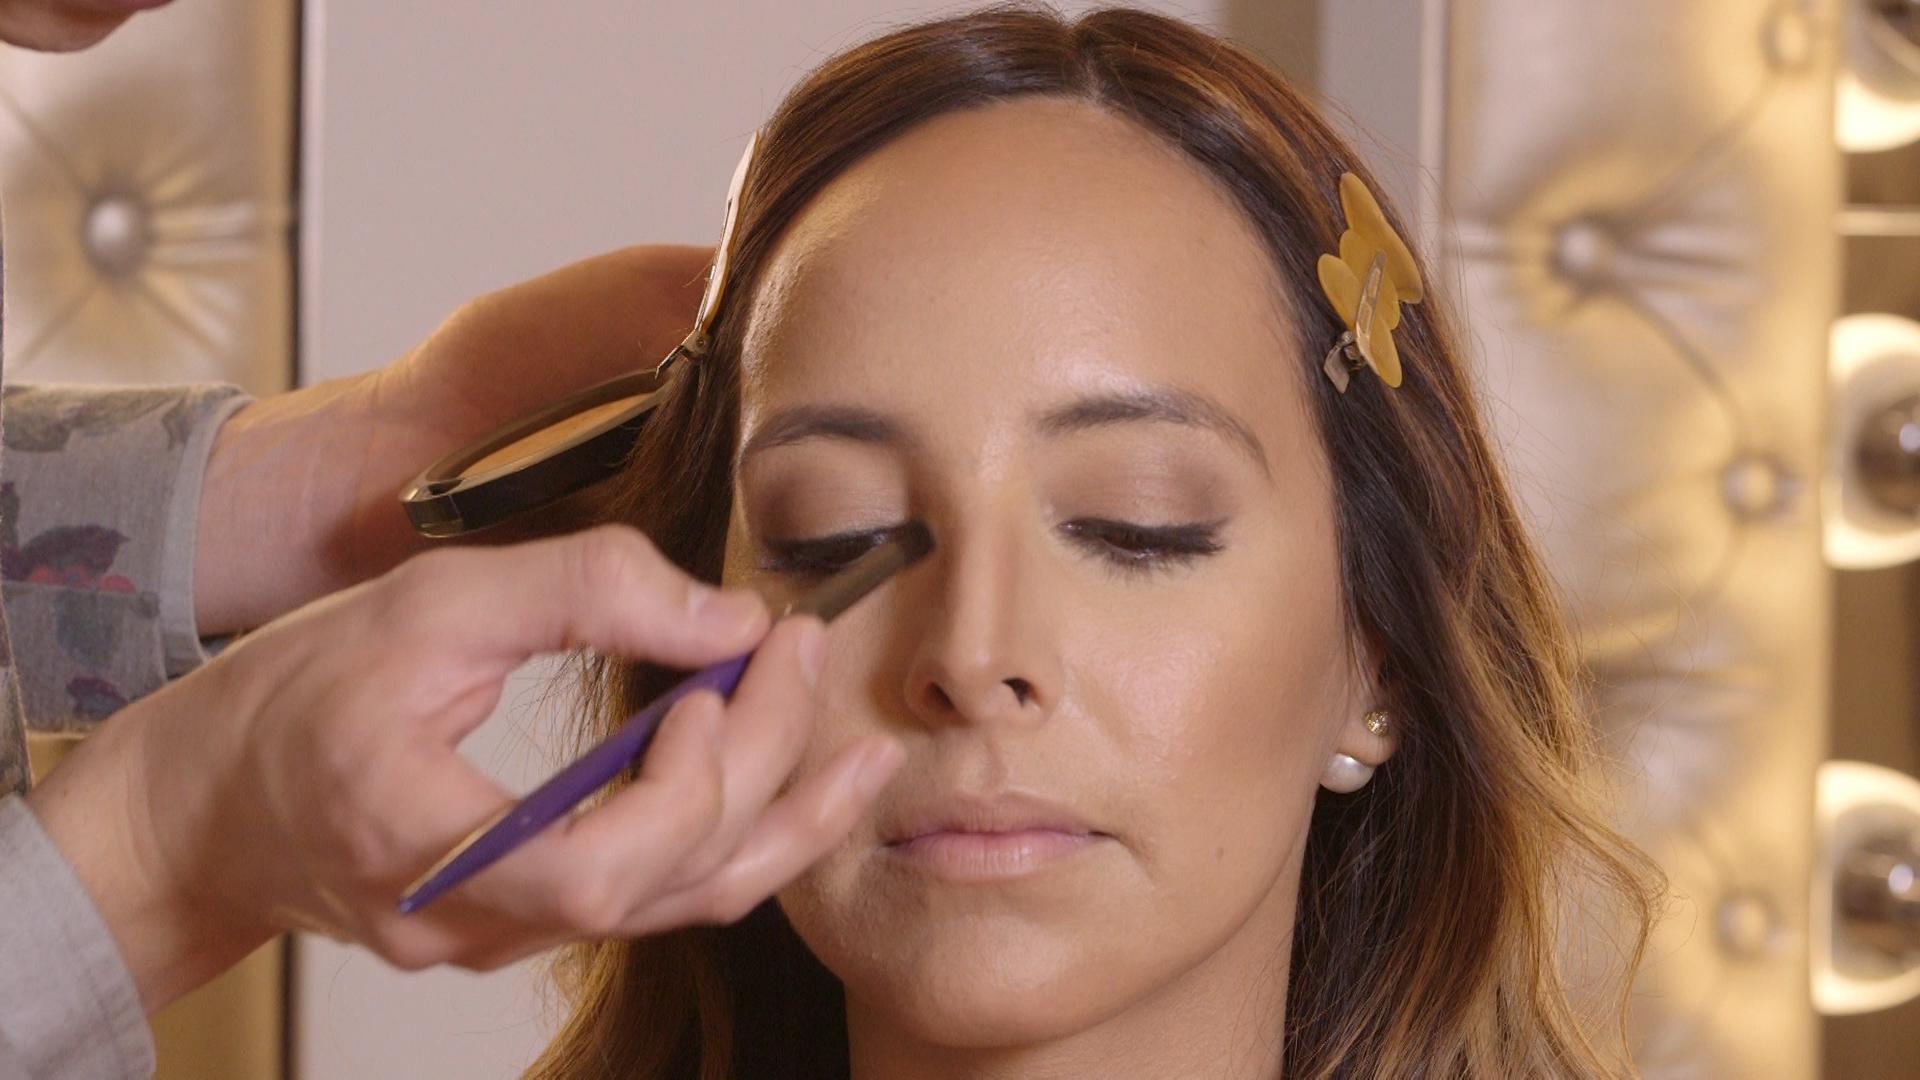 Contour makeup tutorial 7 easy steps to contour and highlight contour makeup tutorial 7 easy steps to contour and highlight your face today baditri Gallery